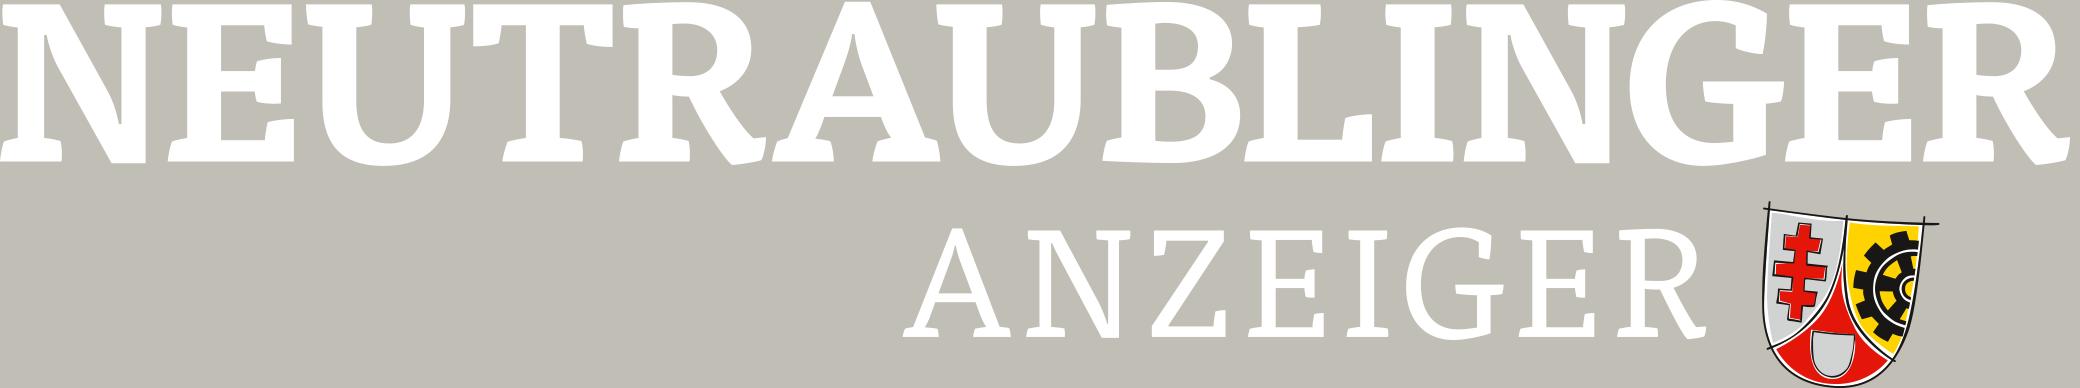 Neutraublinger Anzeiger